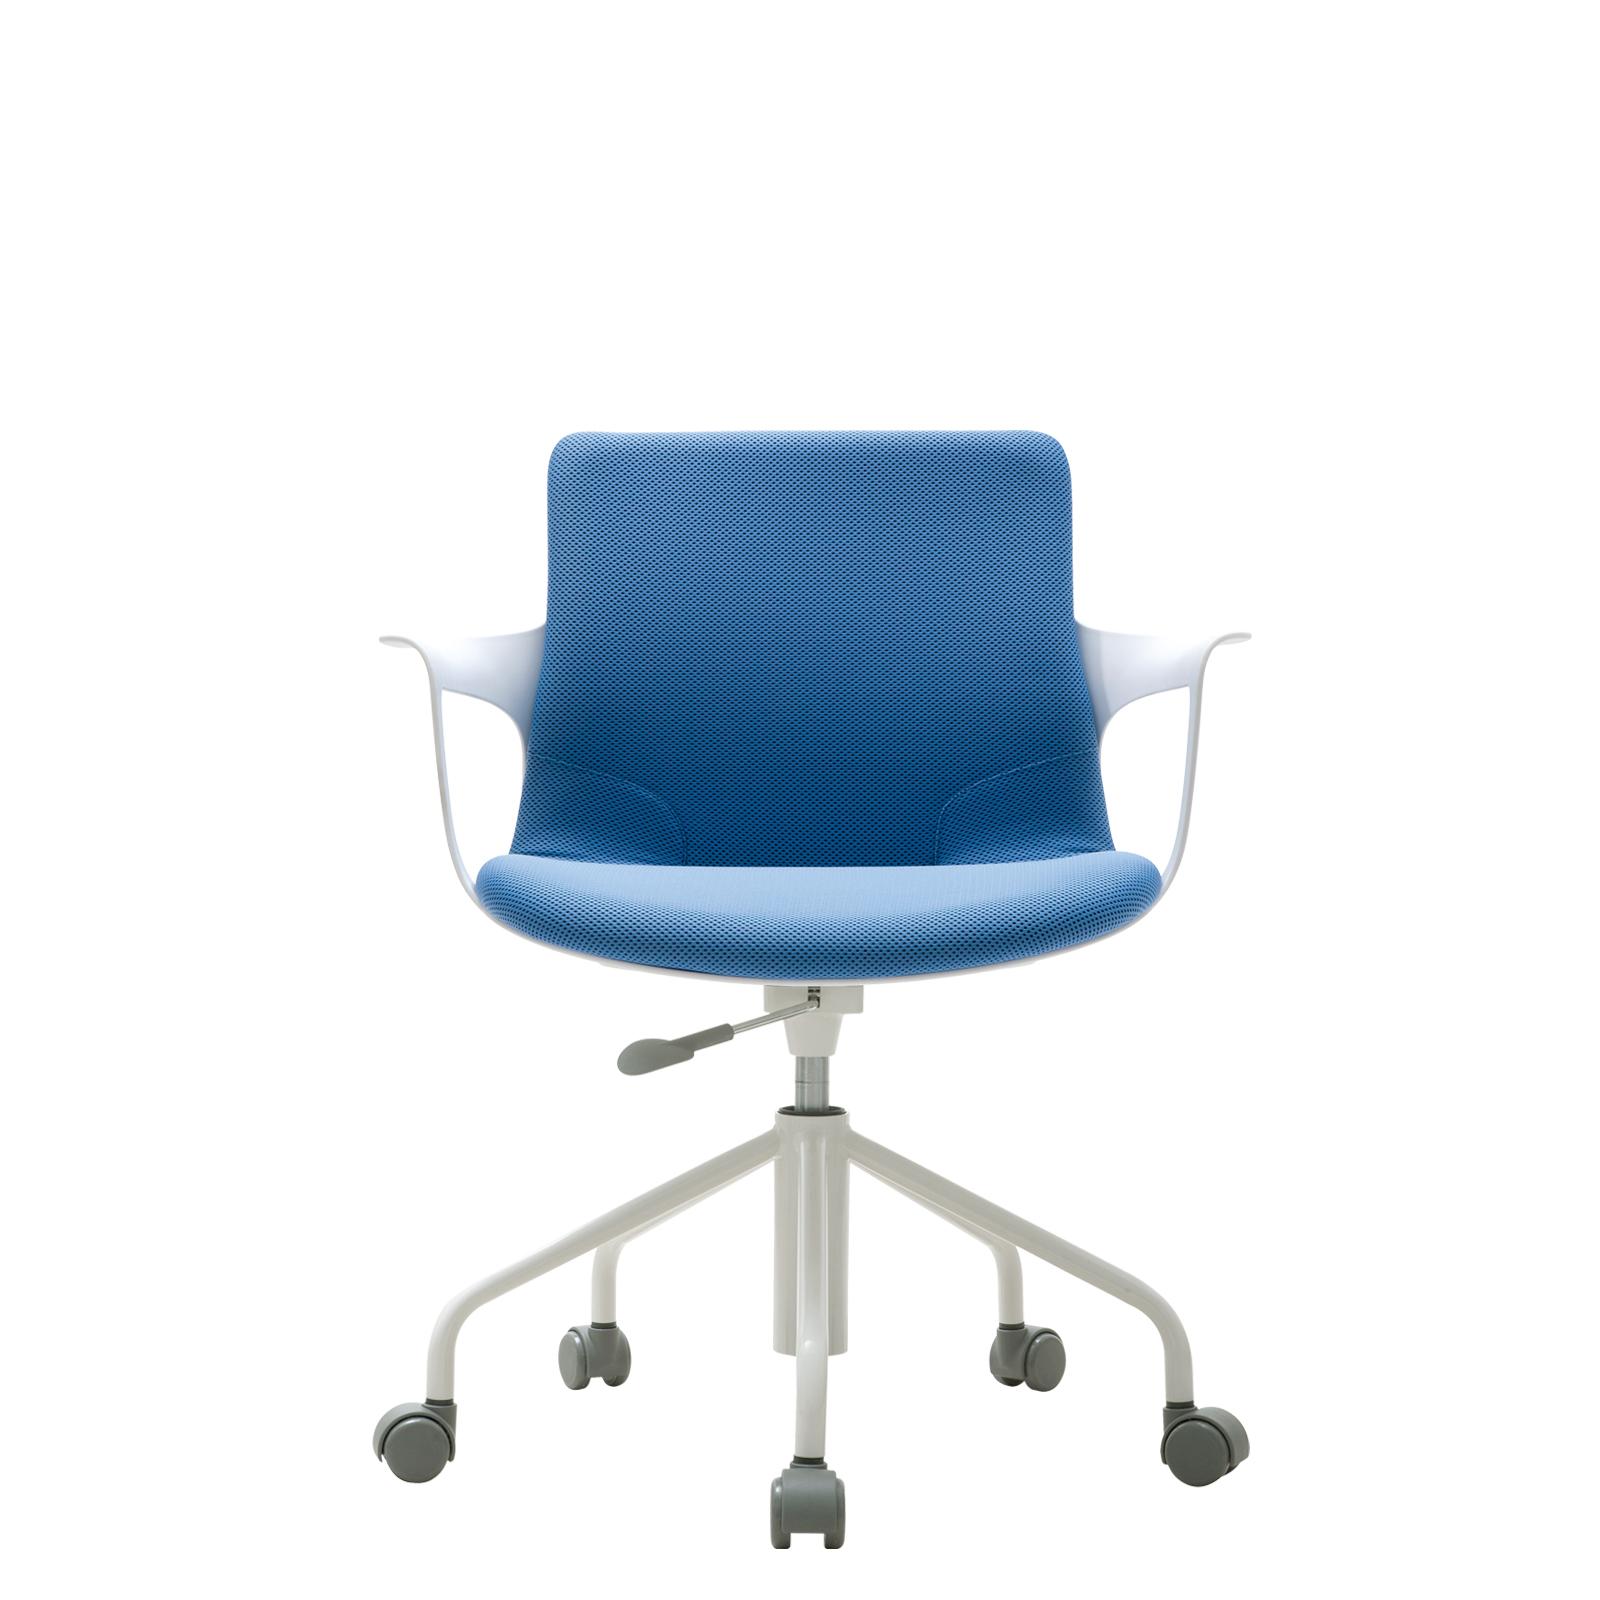 시디즈 T60시리즈 인테리어의자 T603FW EGA, 블루